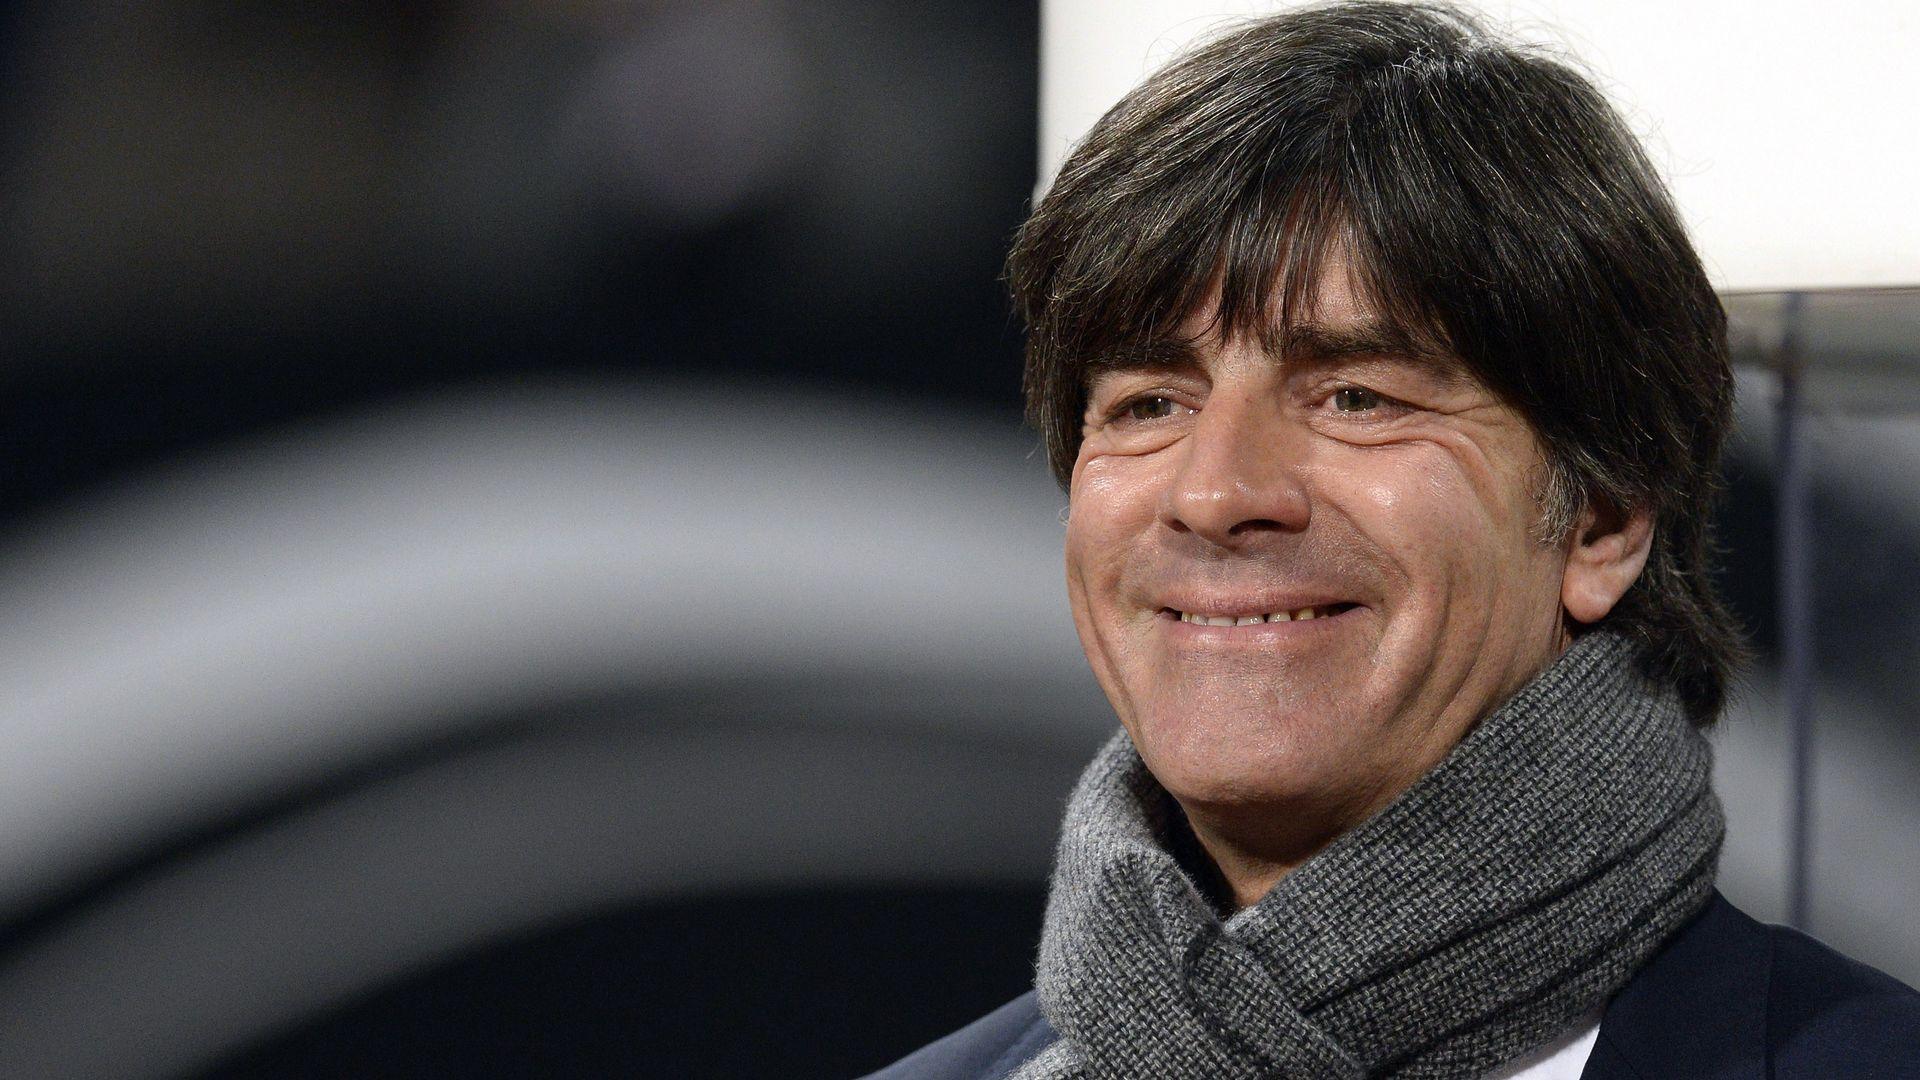 Bis 2018: Jogi Löw bleibt Trainer der deutschen Nationalelf!   Promiflash.de